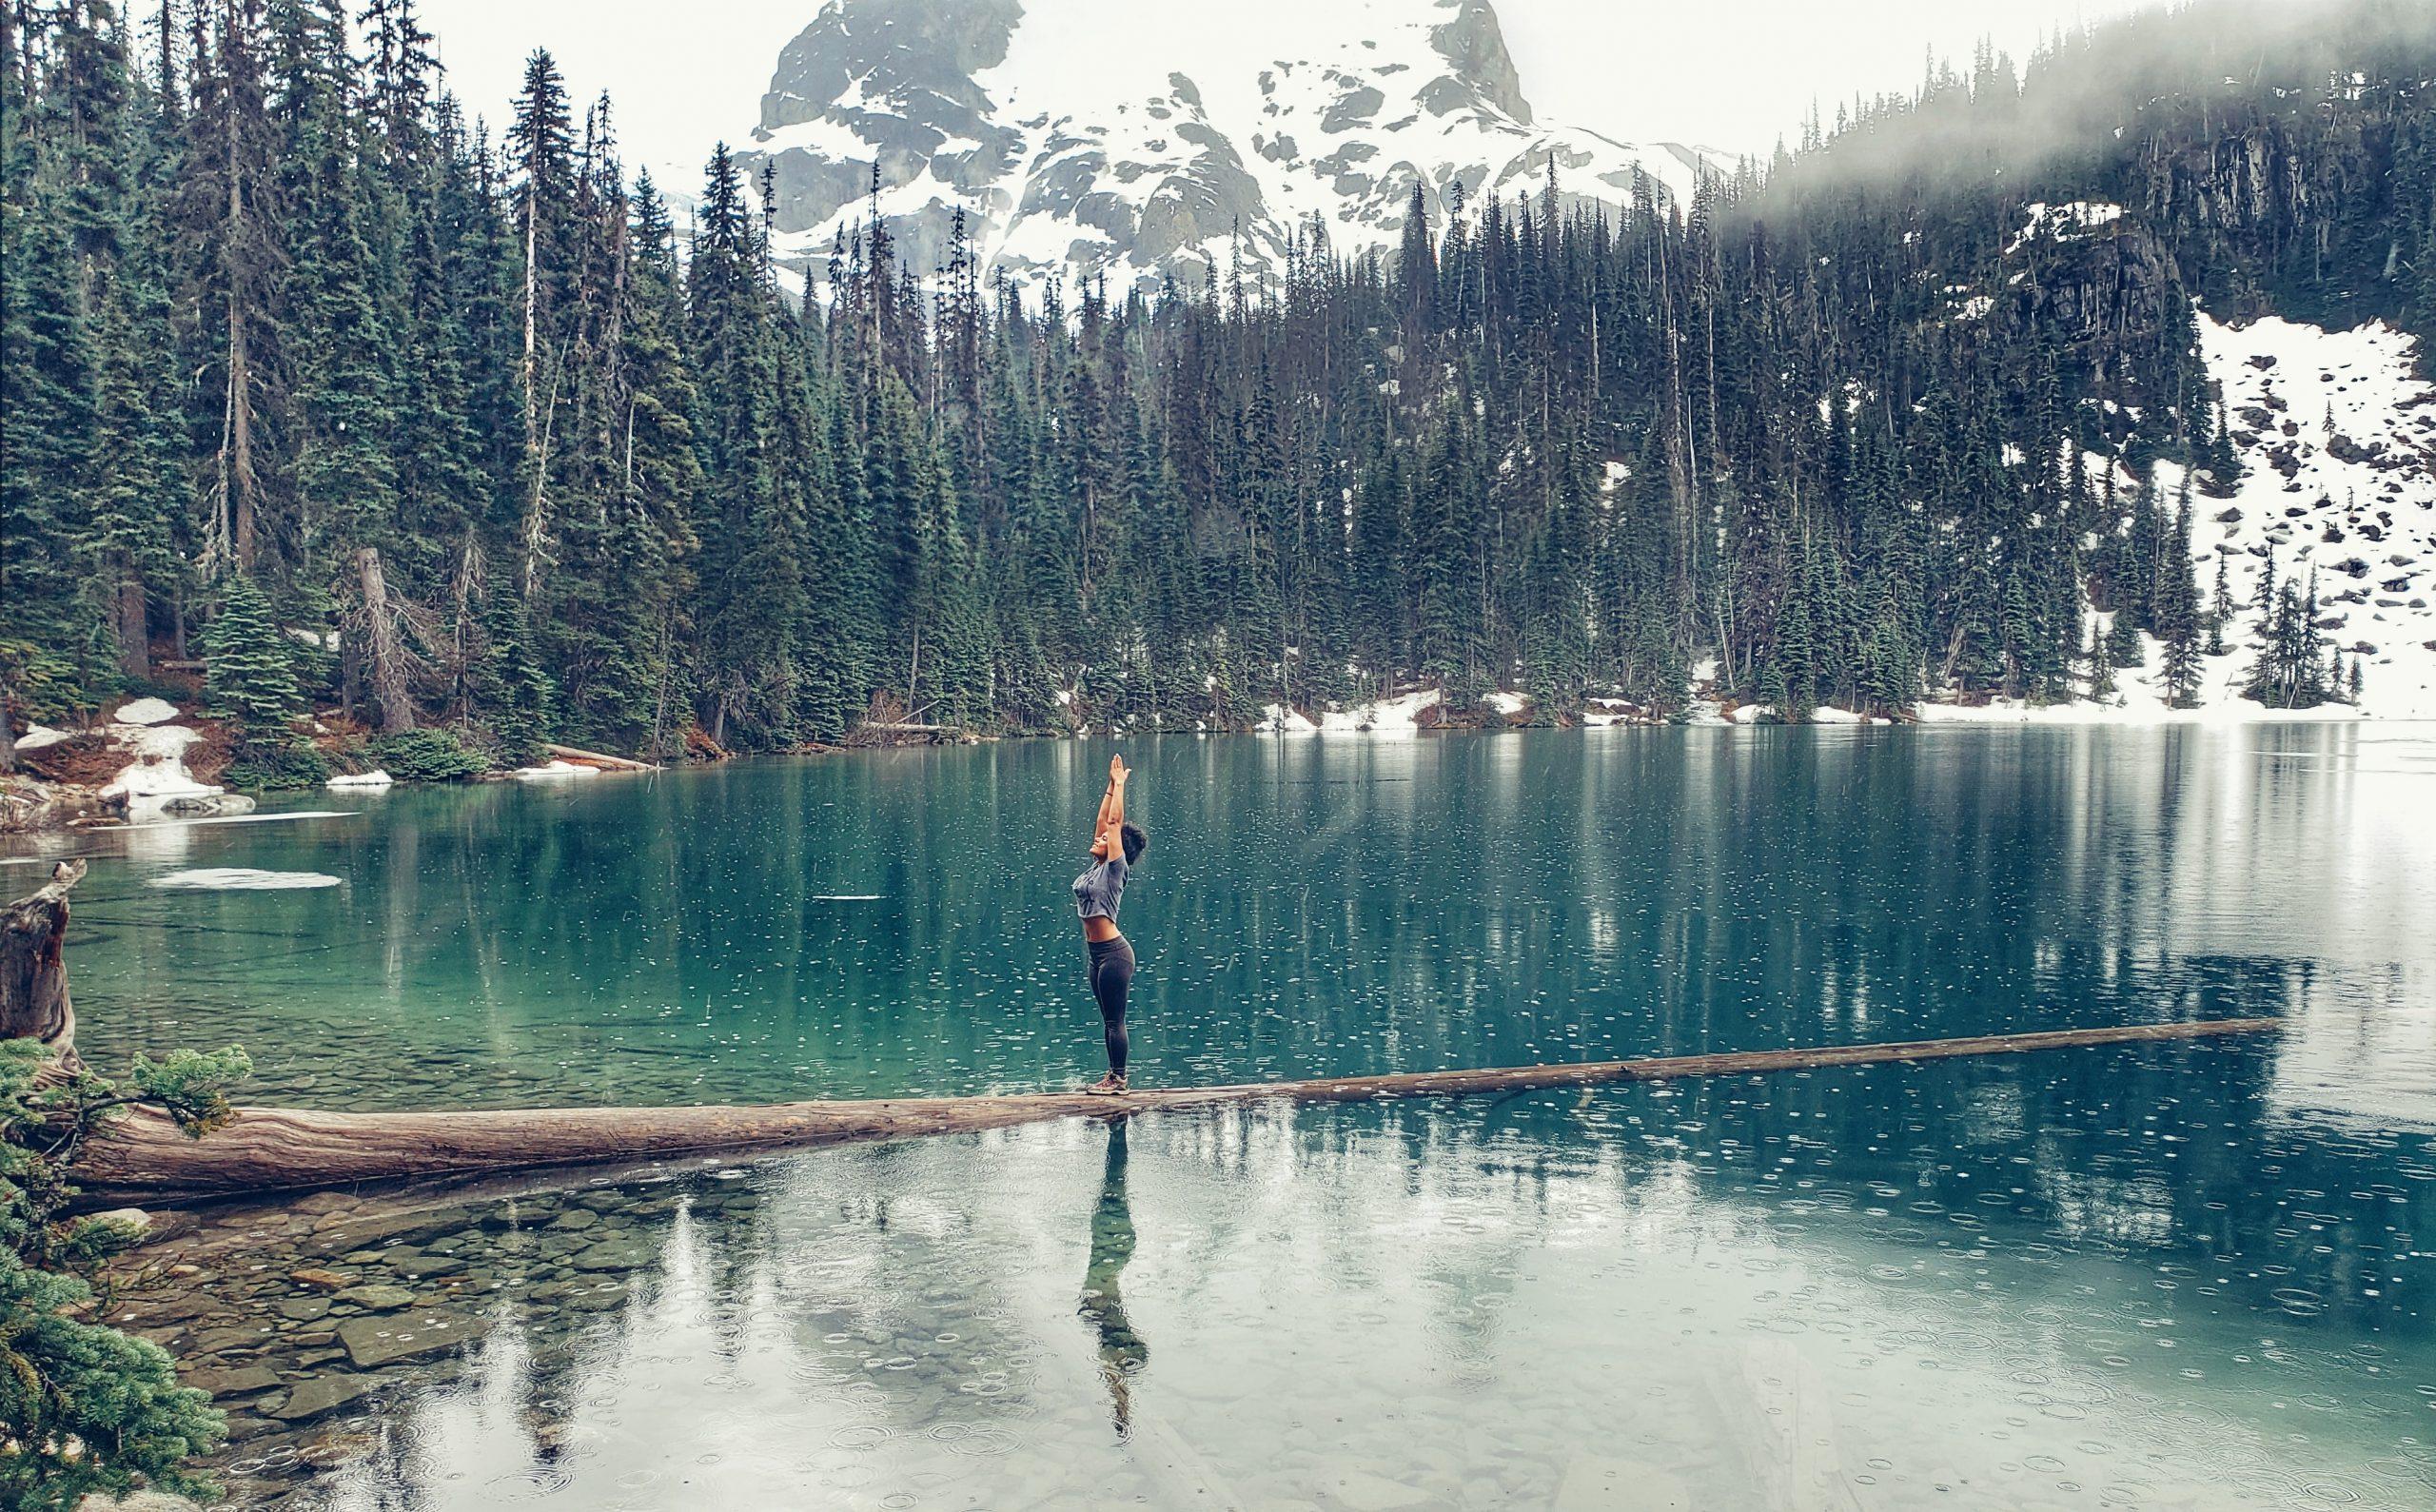 En la imagen, una mujer practica yoga en el lago. /Foto: Unsplash